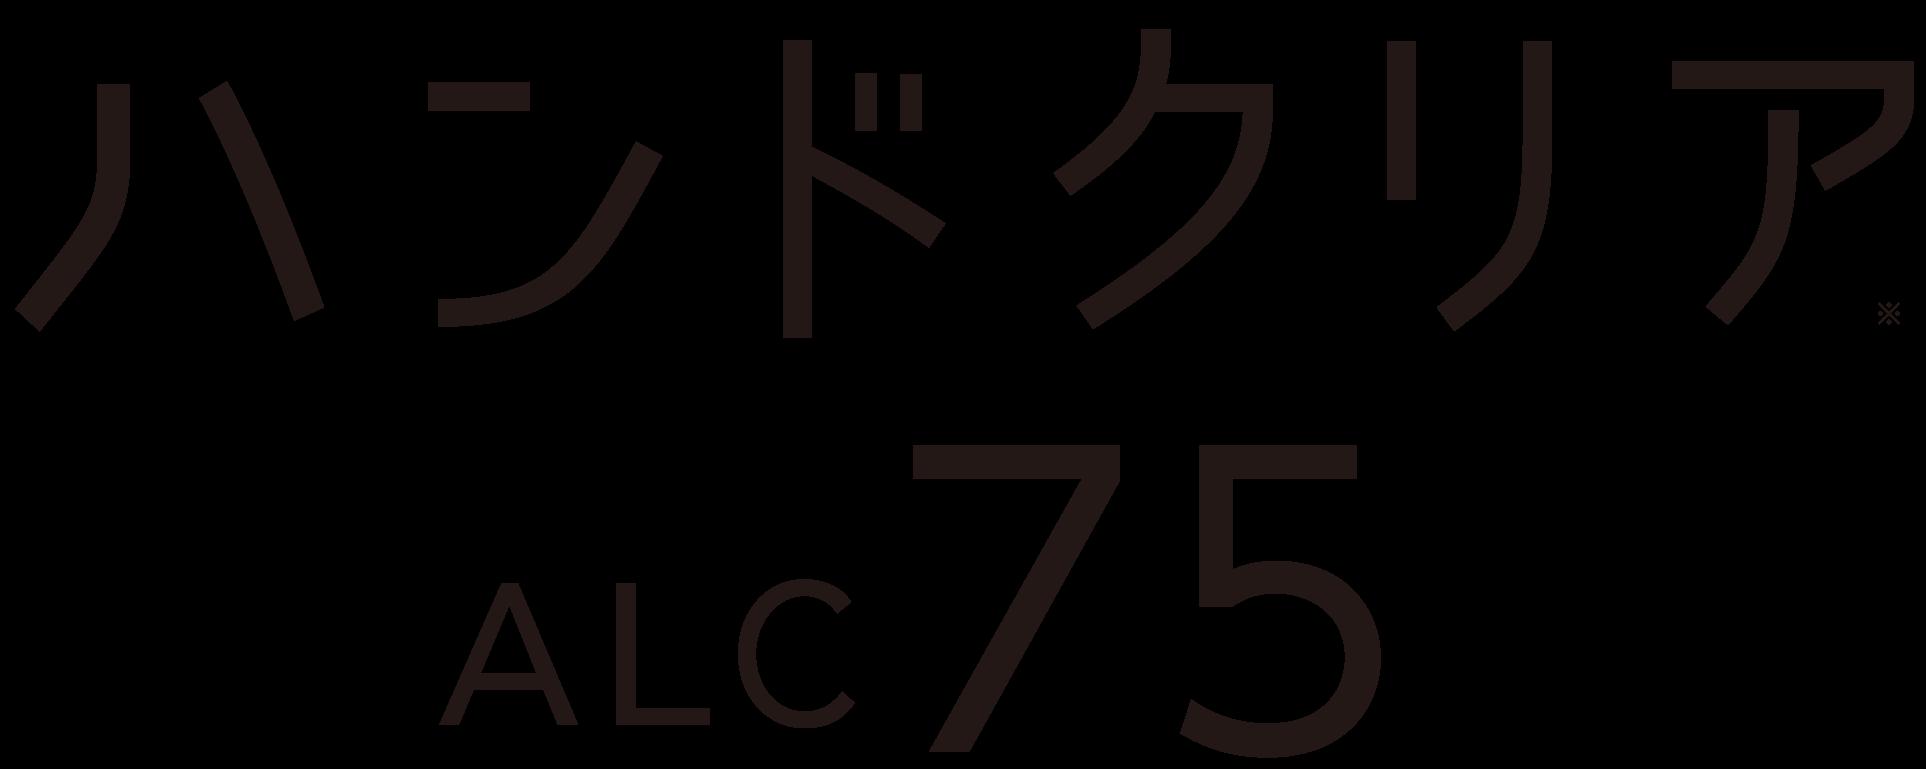 ハンドクリア ALC75